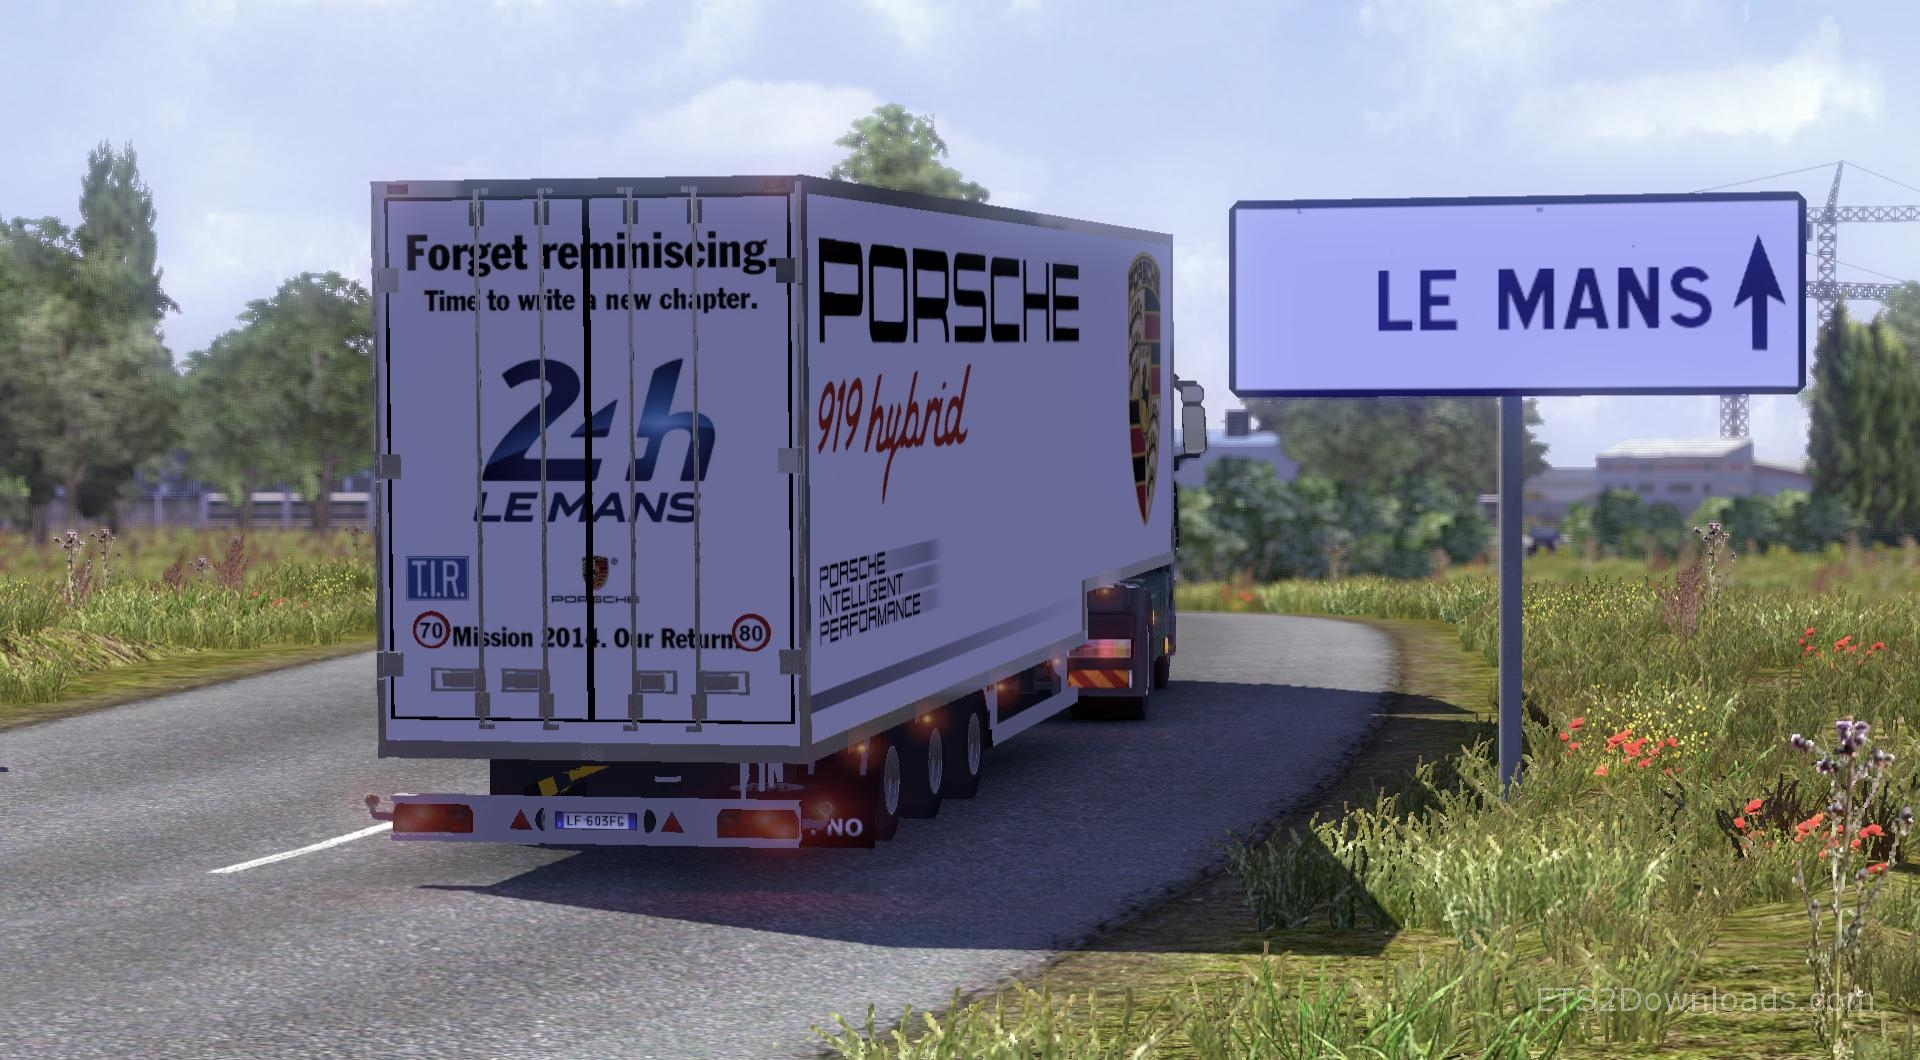 porche-24h-semi-trailer-ets2-1